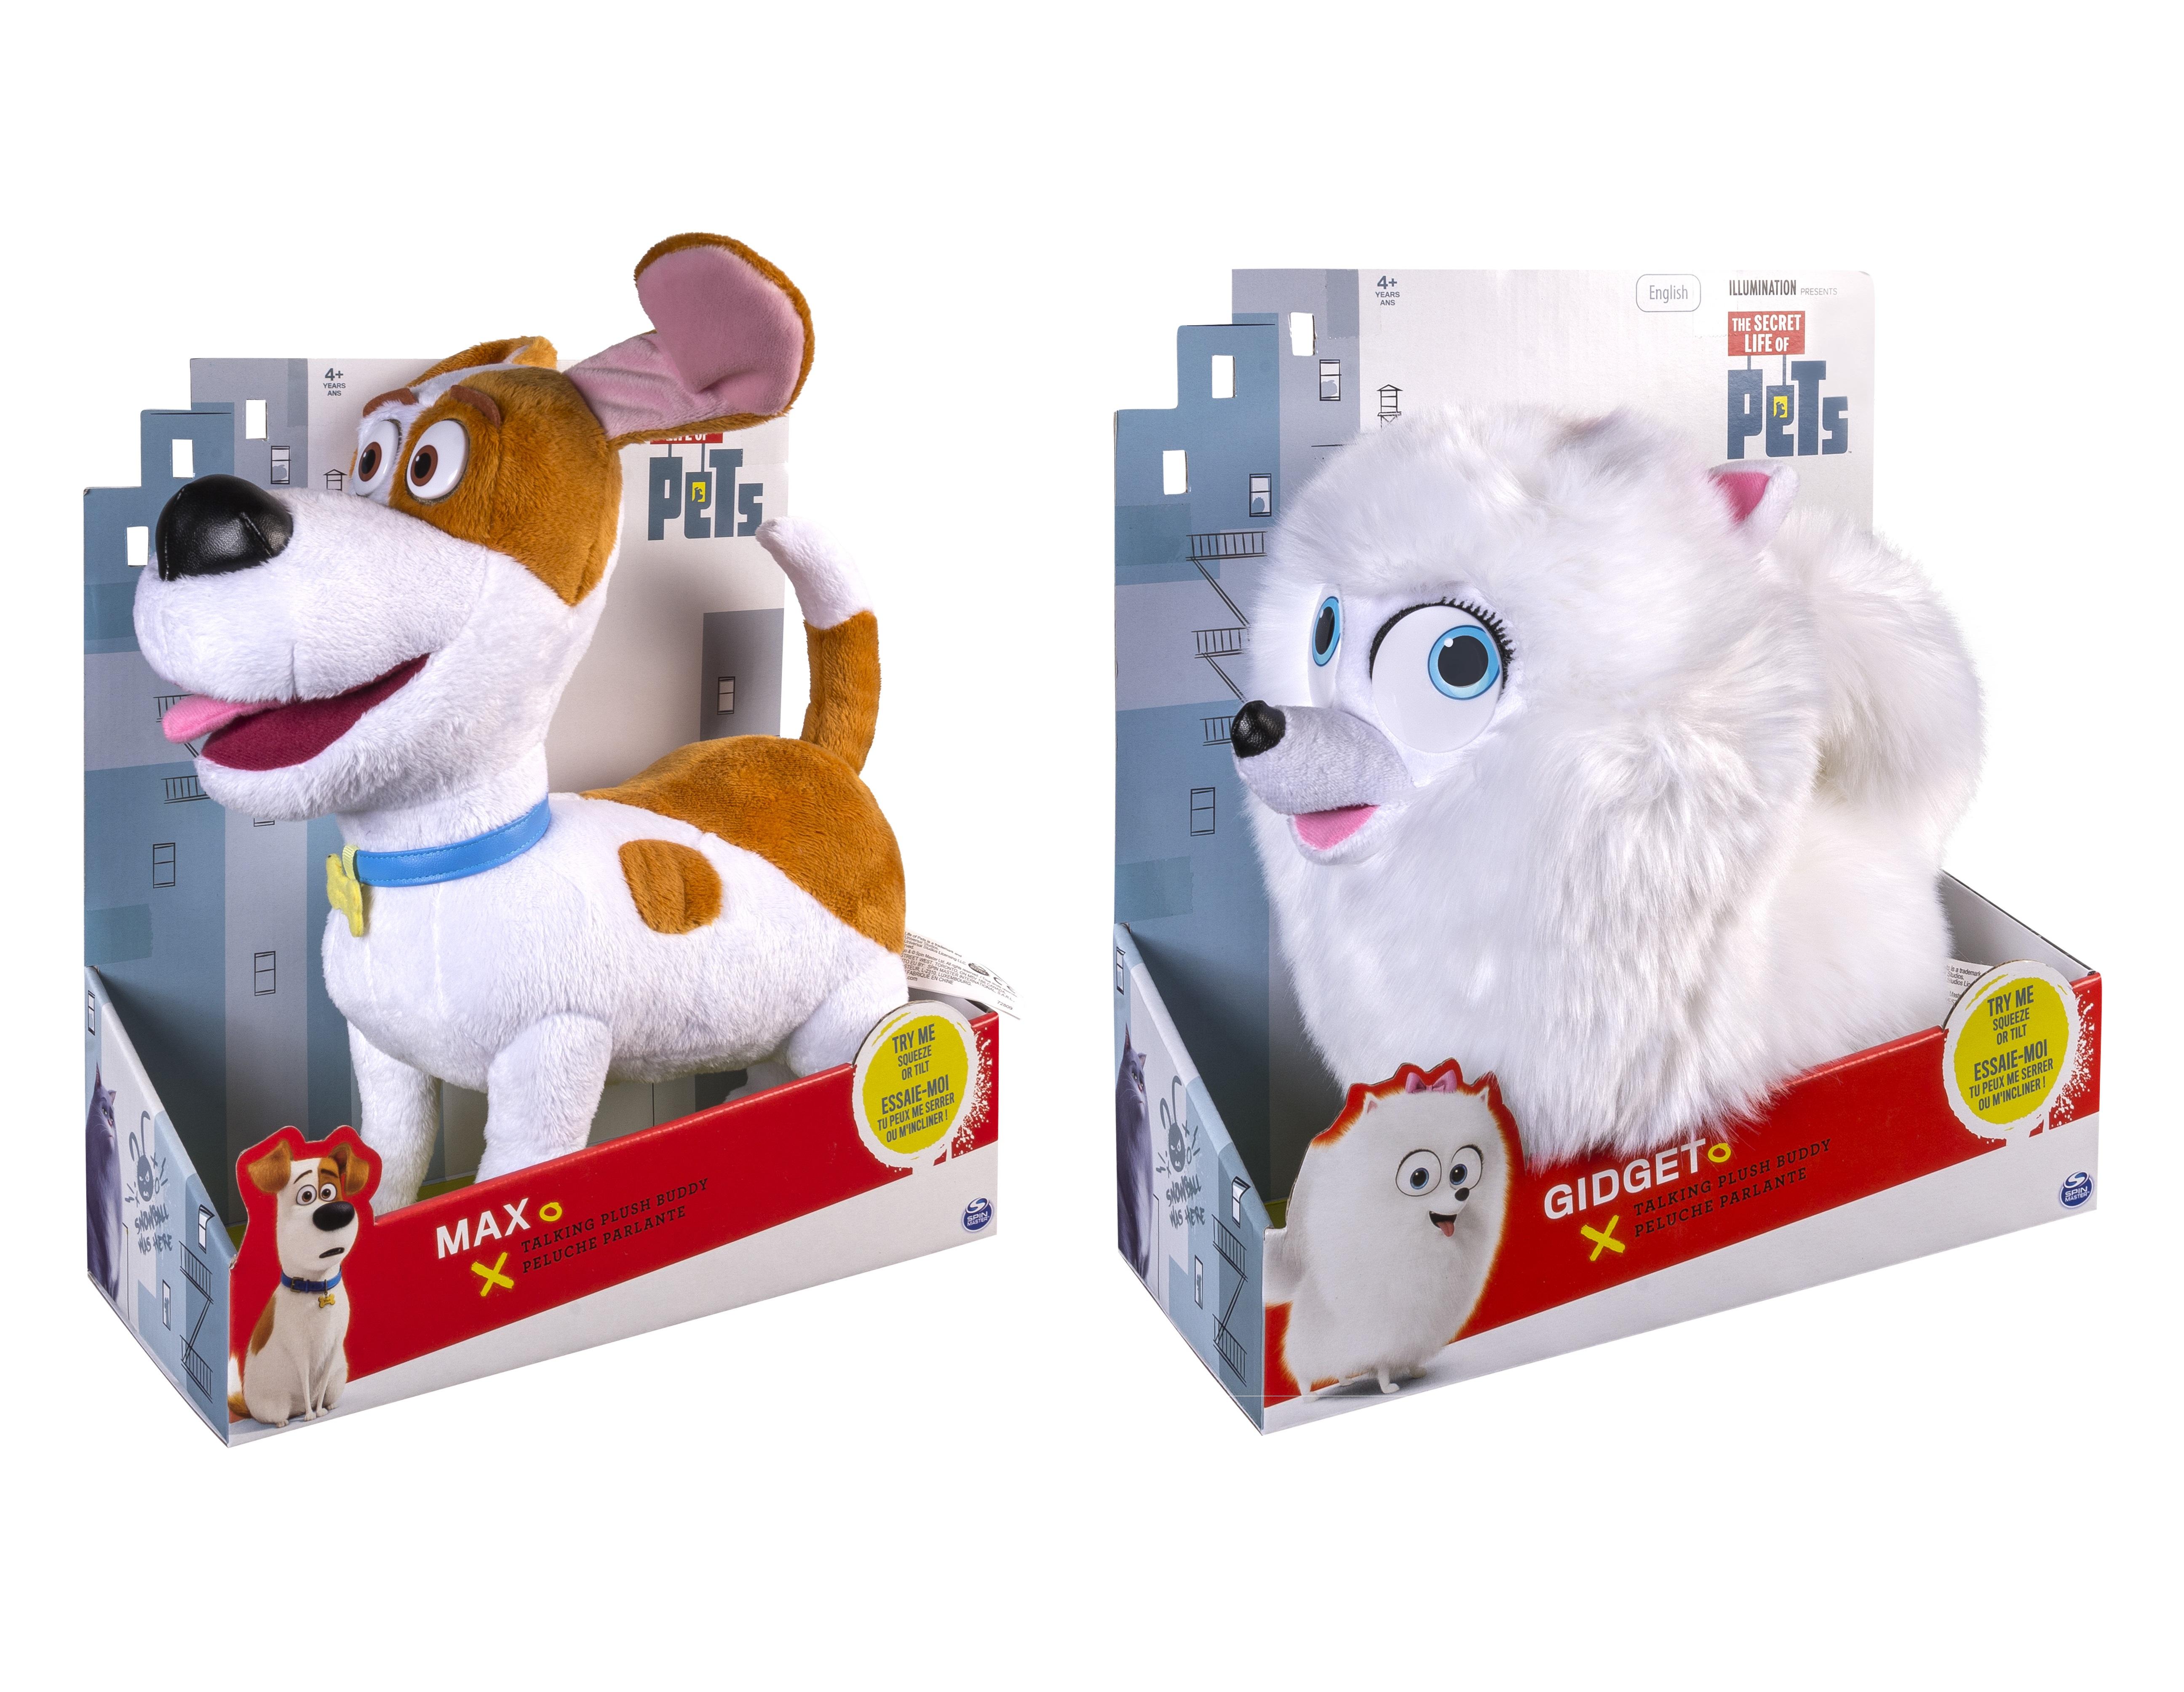 Мягкие игрушки Макс и Гиджет Тайная жизнь дом животных Spin Master (арт.: 6027237)